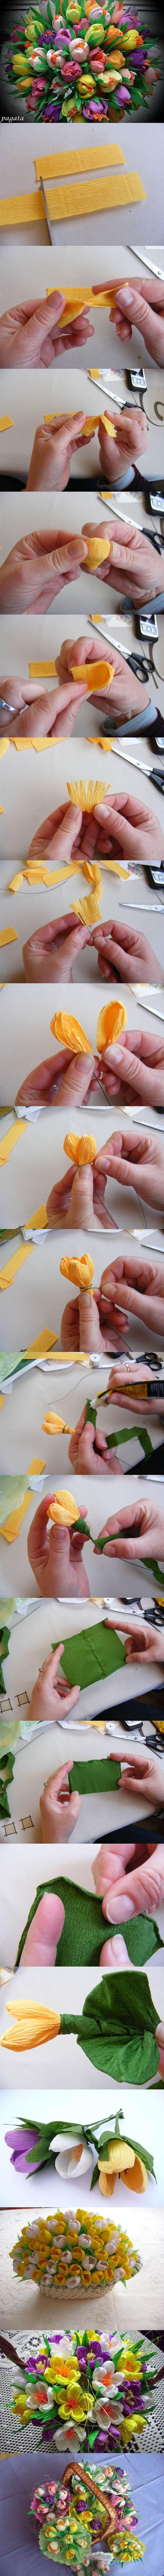 Поделки из гофрированной бумаги своими руками с пошаговым фото